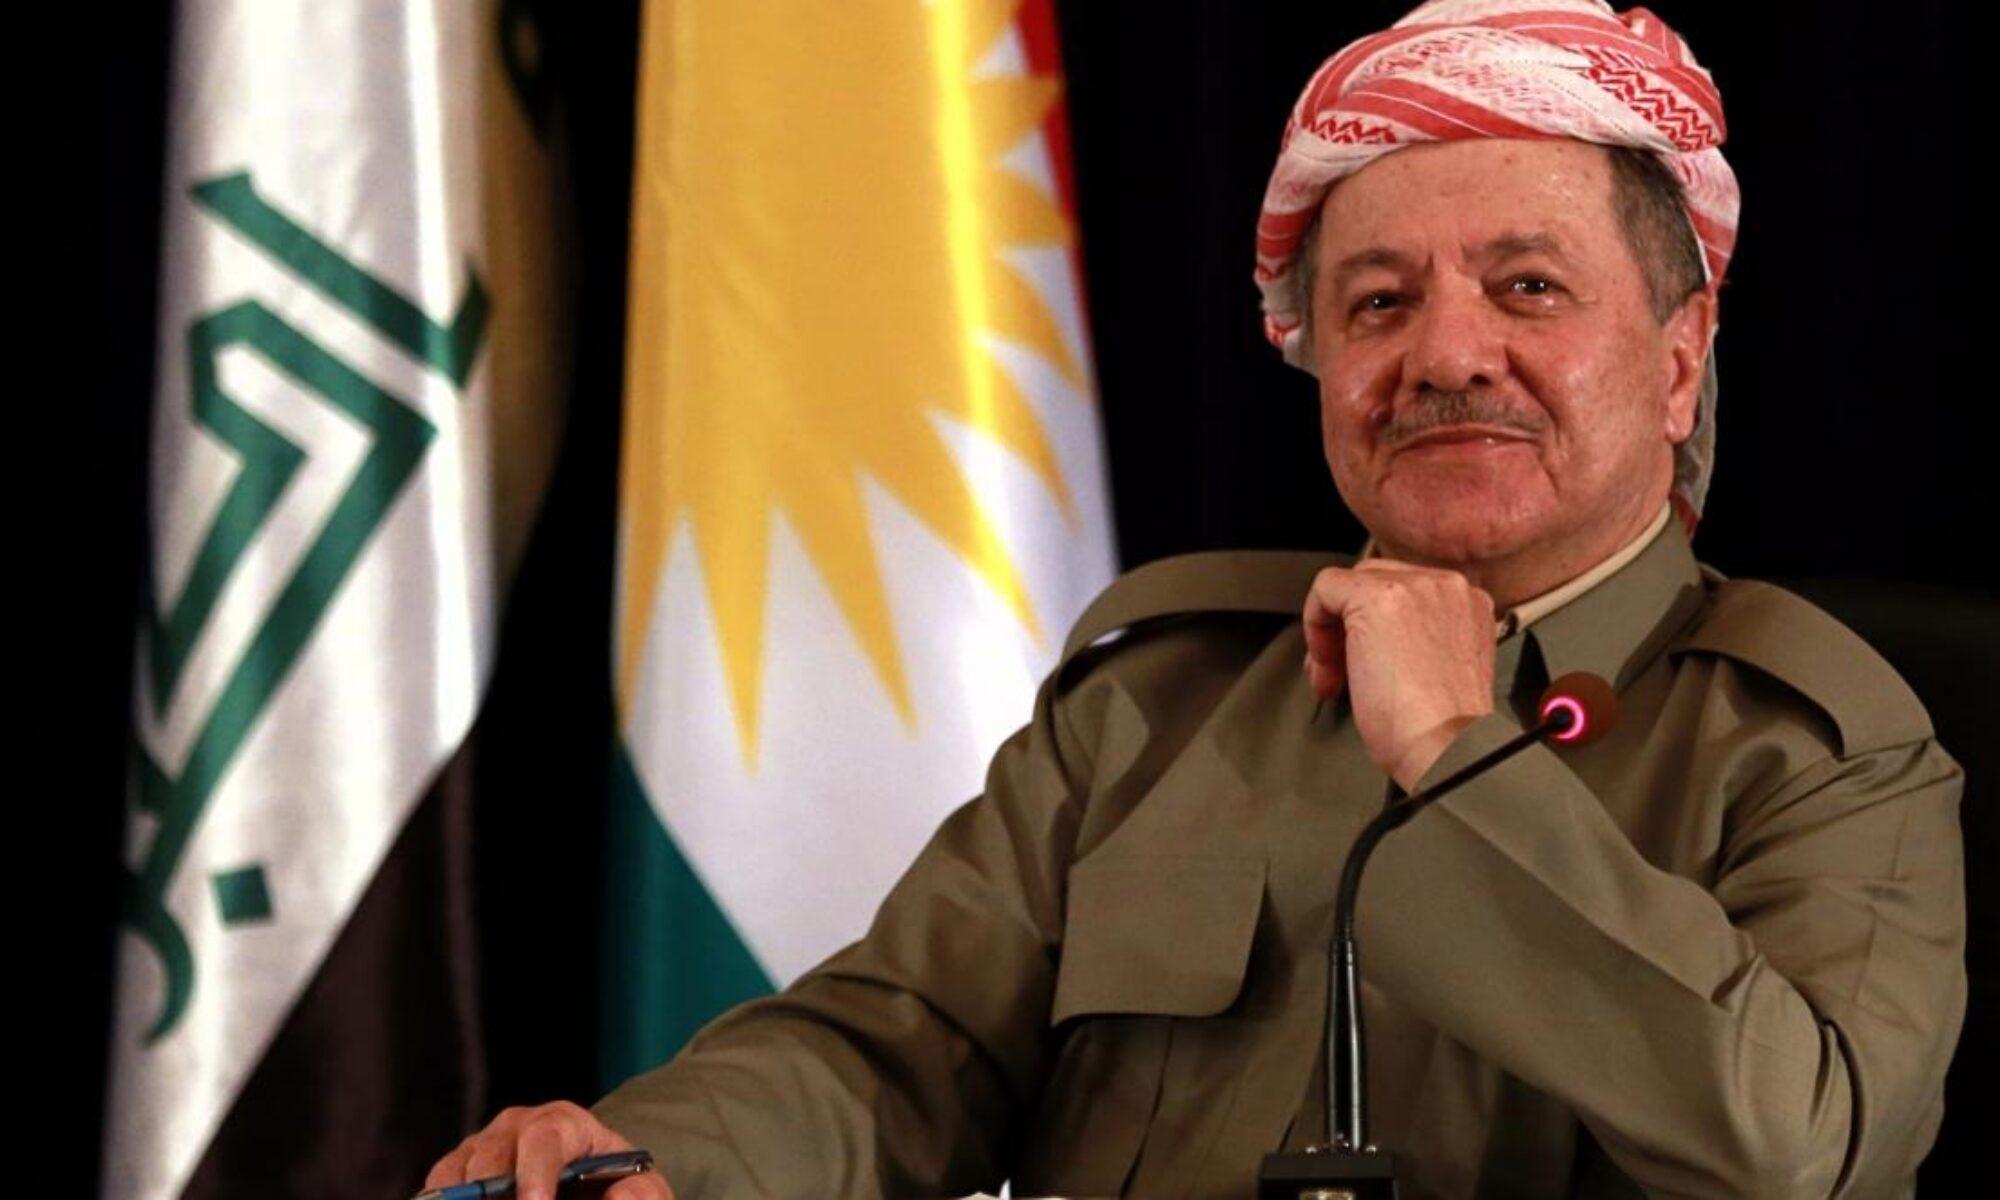 Mesut Barzani: İnsanlığa hizmetlerinden dolayı kadınlara minnettarız 8 Mart Dünya Emekçi Kadınlar Günü